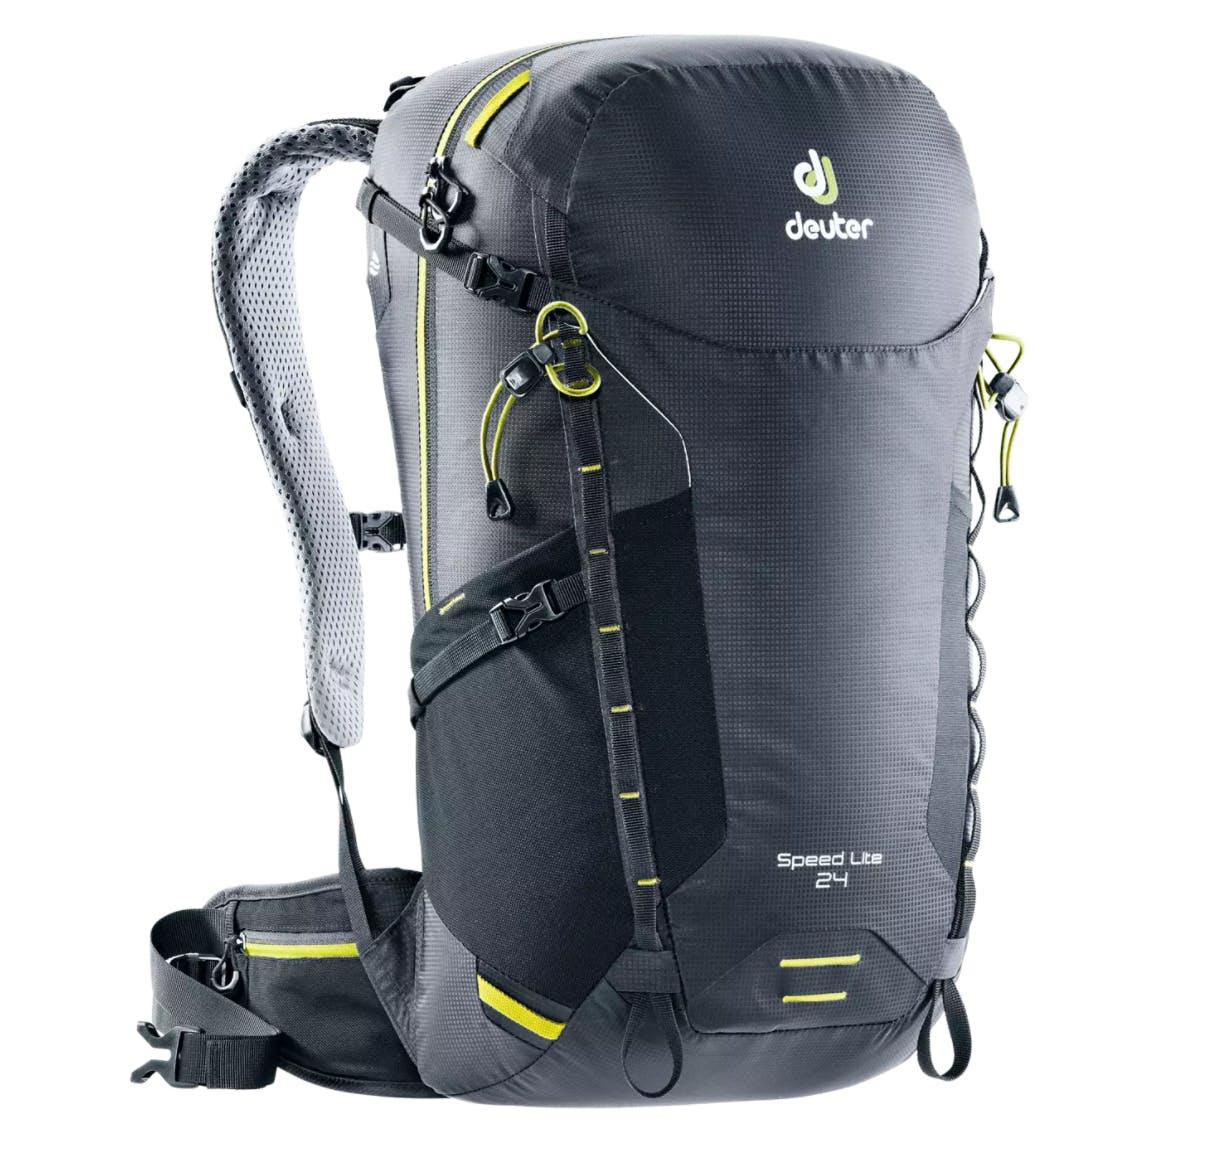 Deuter Speed Lite 24 Backpack